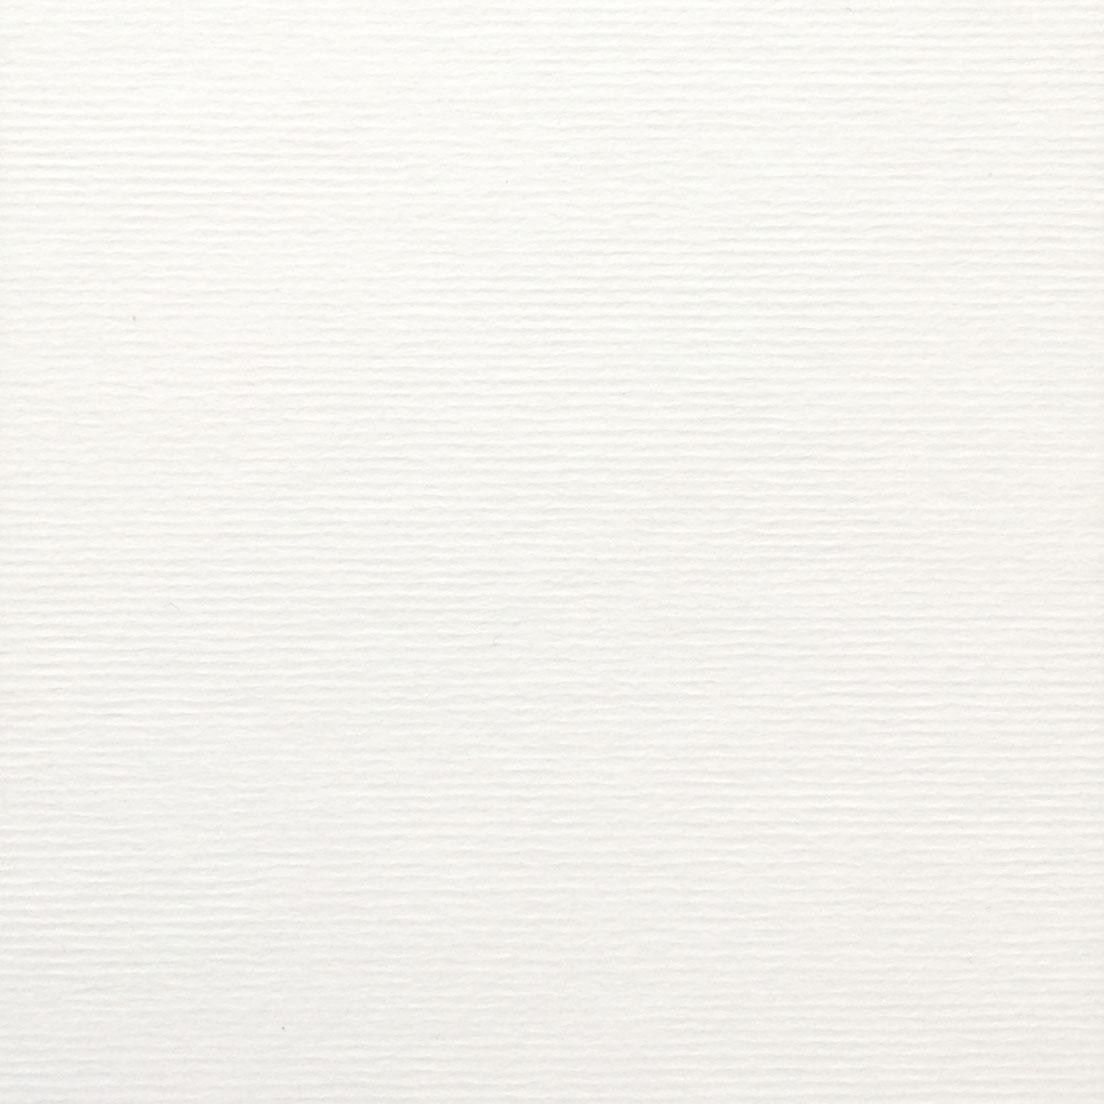 2,3 mm passe-partout standard con ritaglio individuale 10x15 cm | bianco Artide